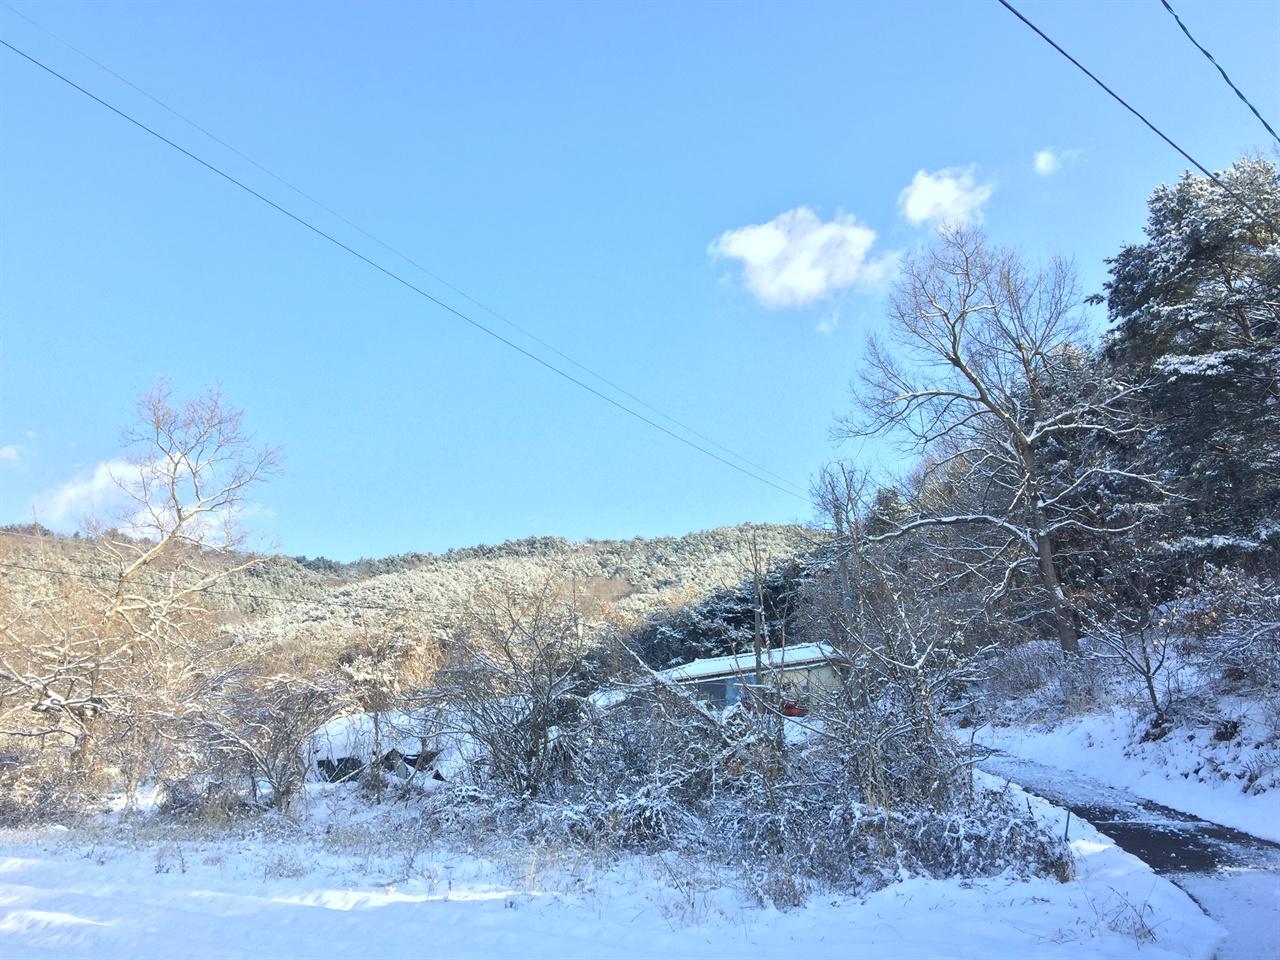 겨울 산골총각네 집 겨울 산골 시골집 풍경